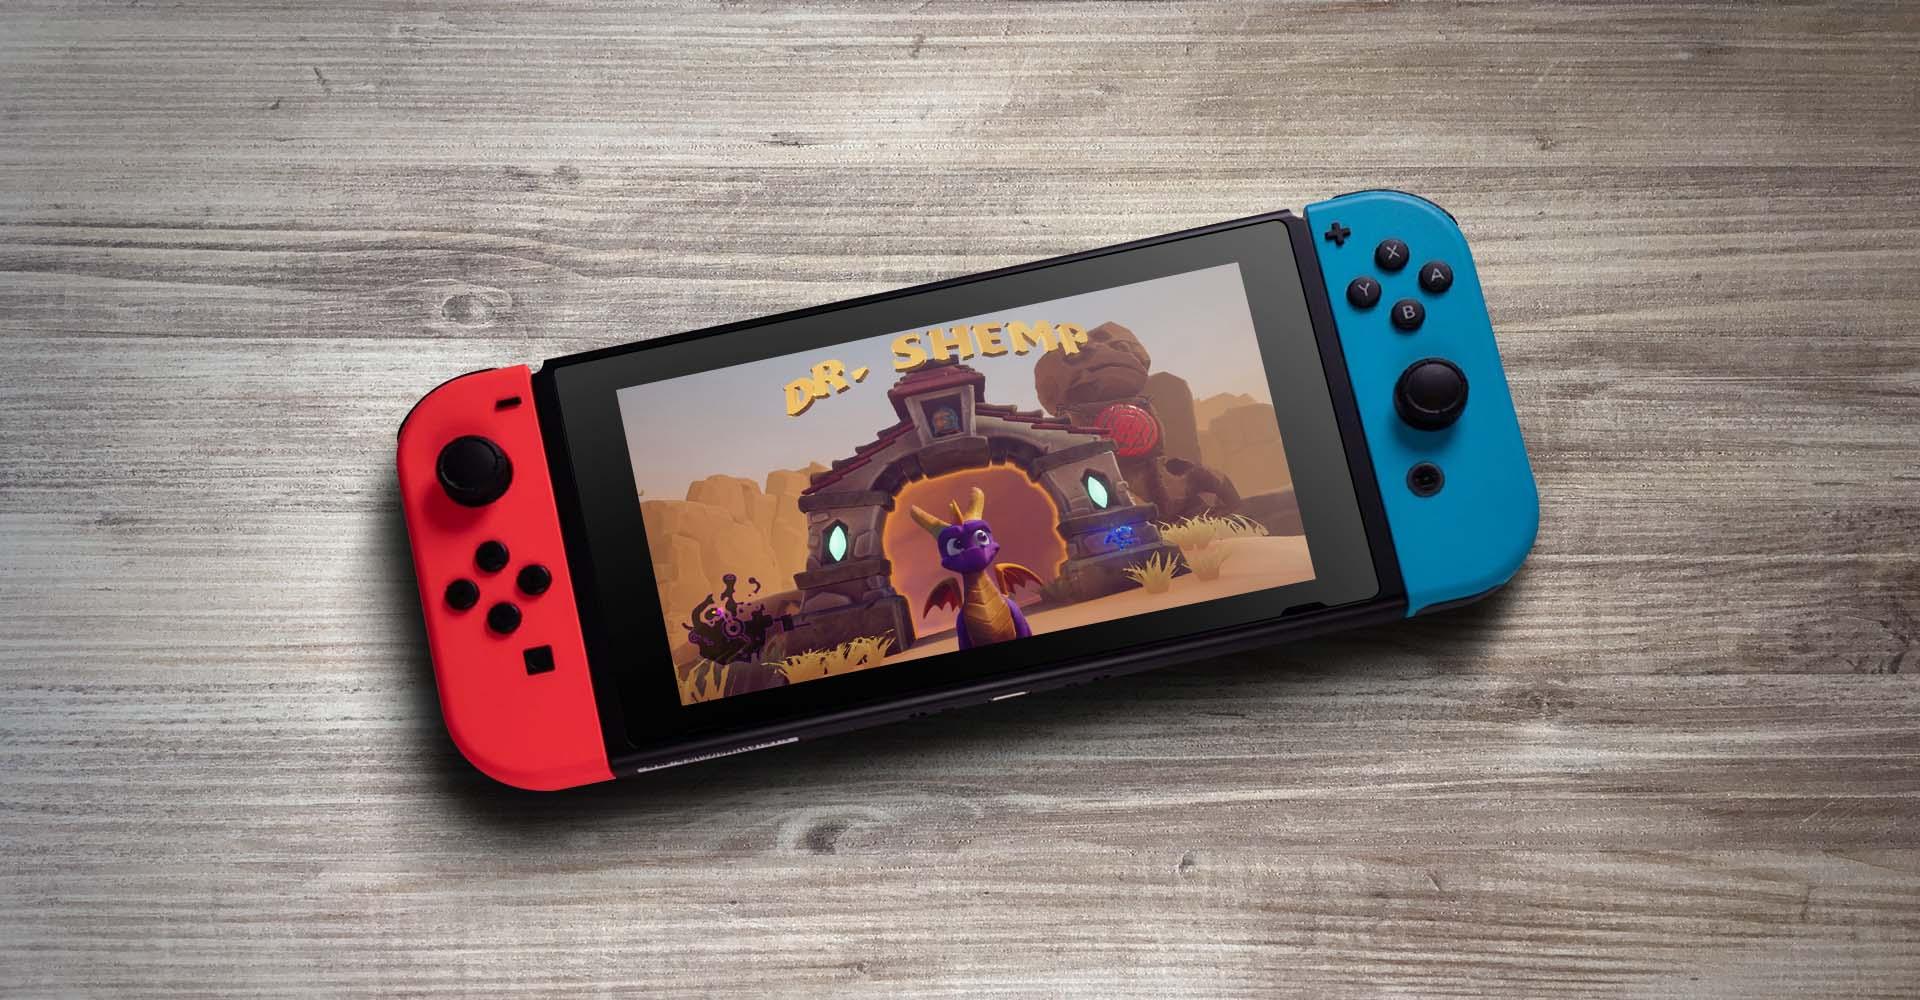 Das Spiel Spyro Reignited Trilogy an der Nintendo Switch zocken.